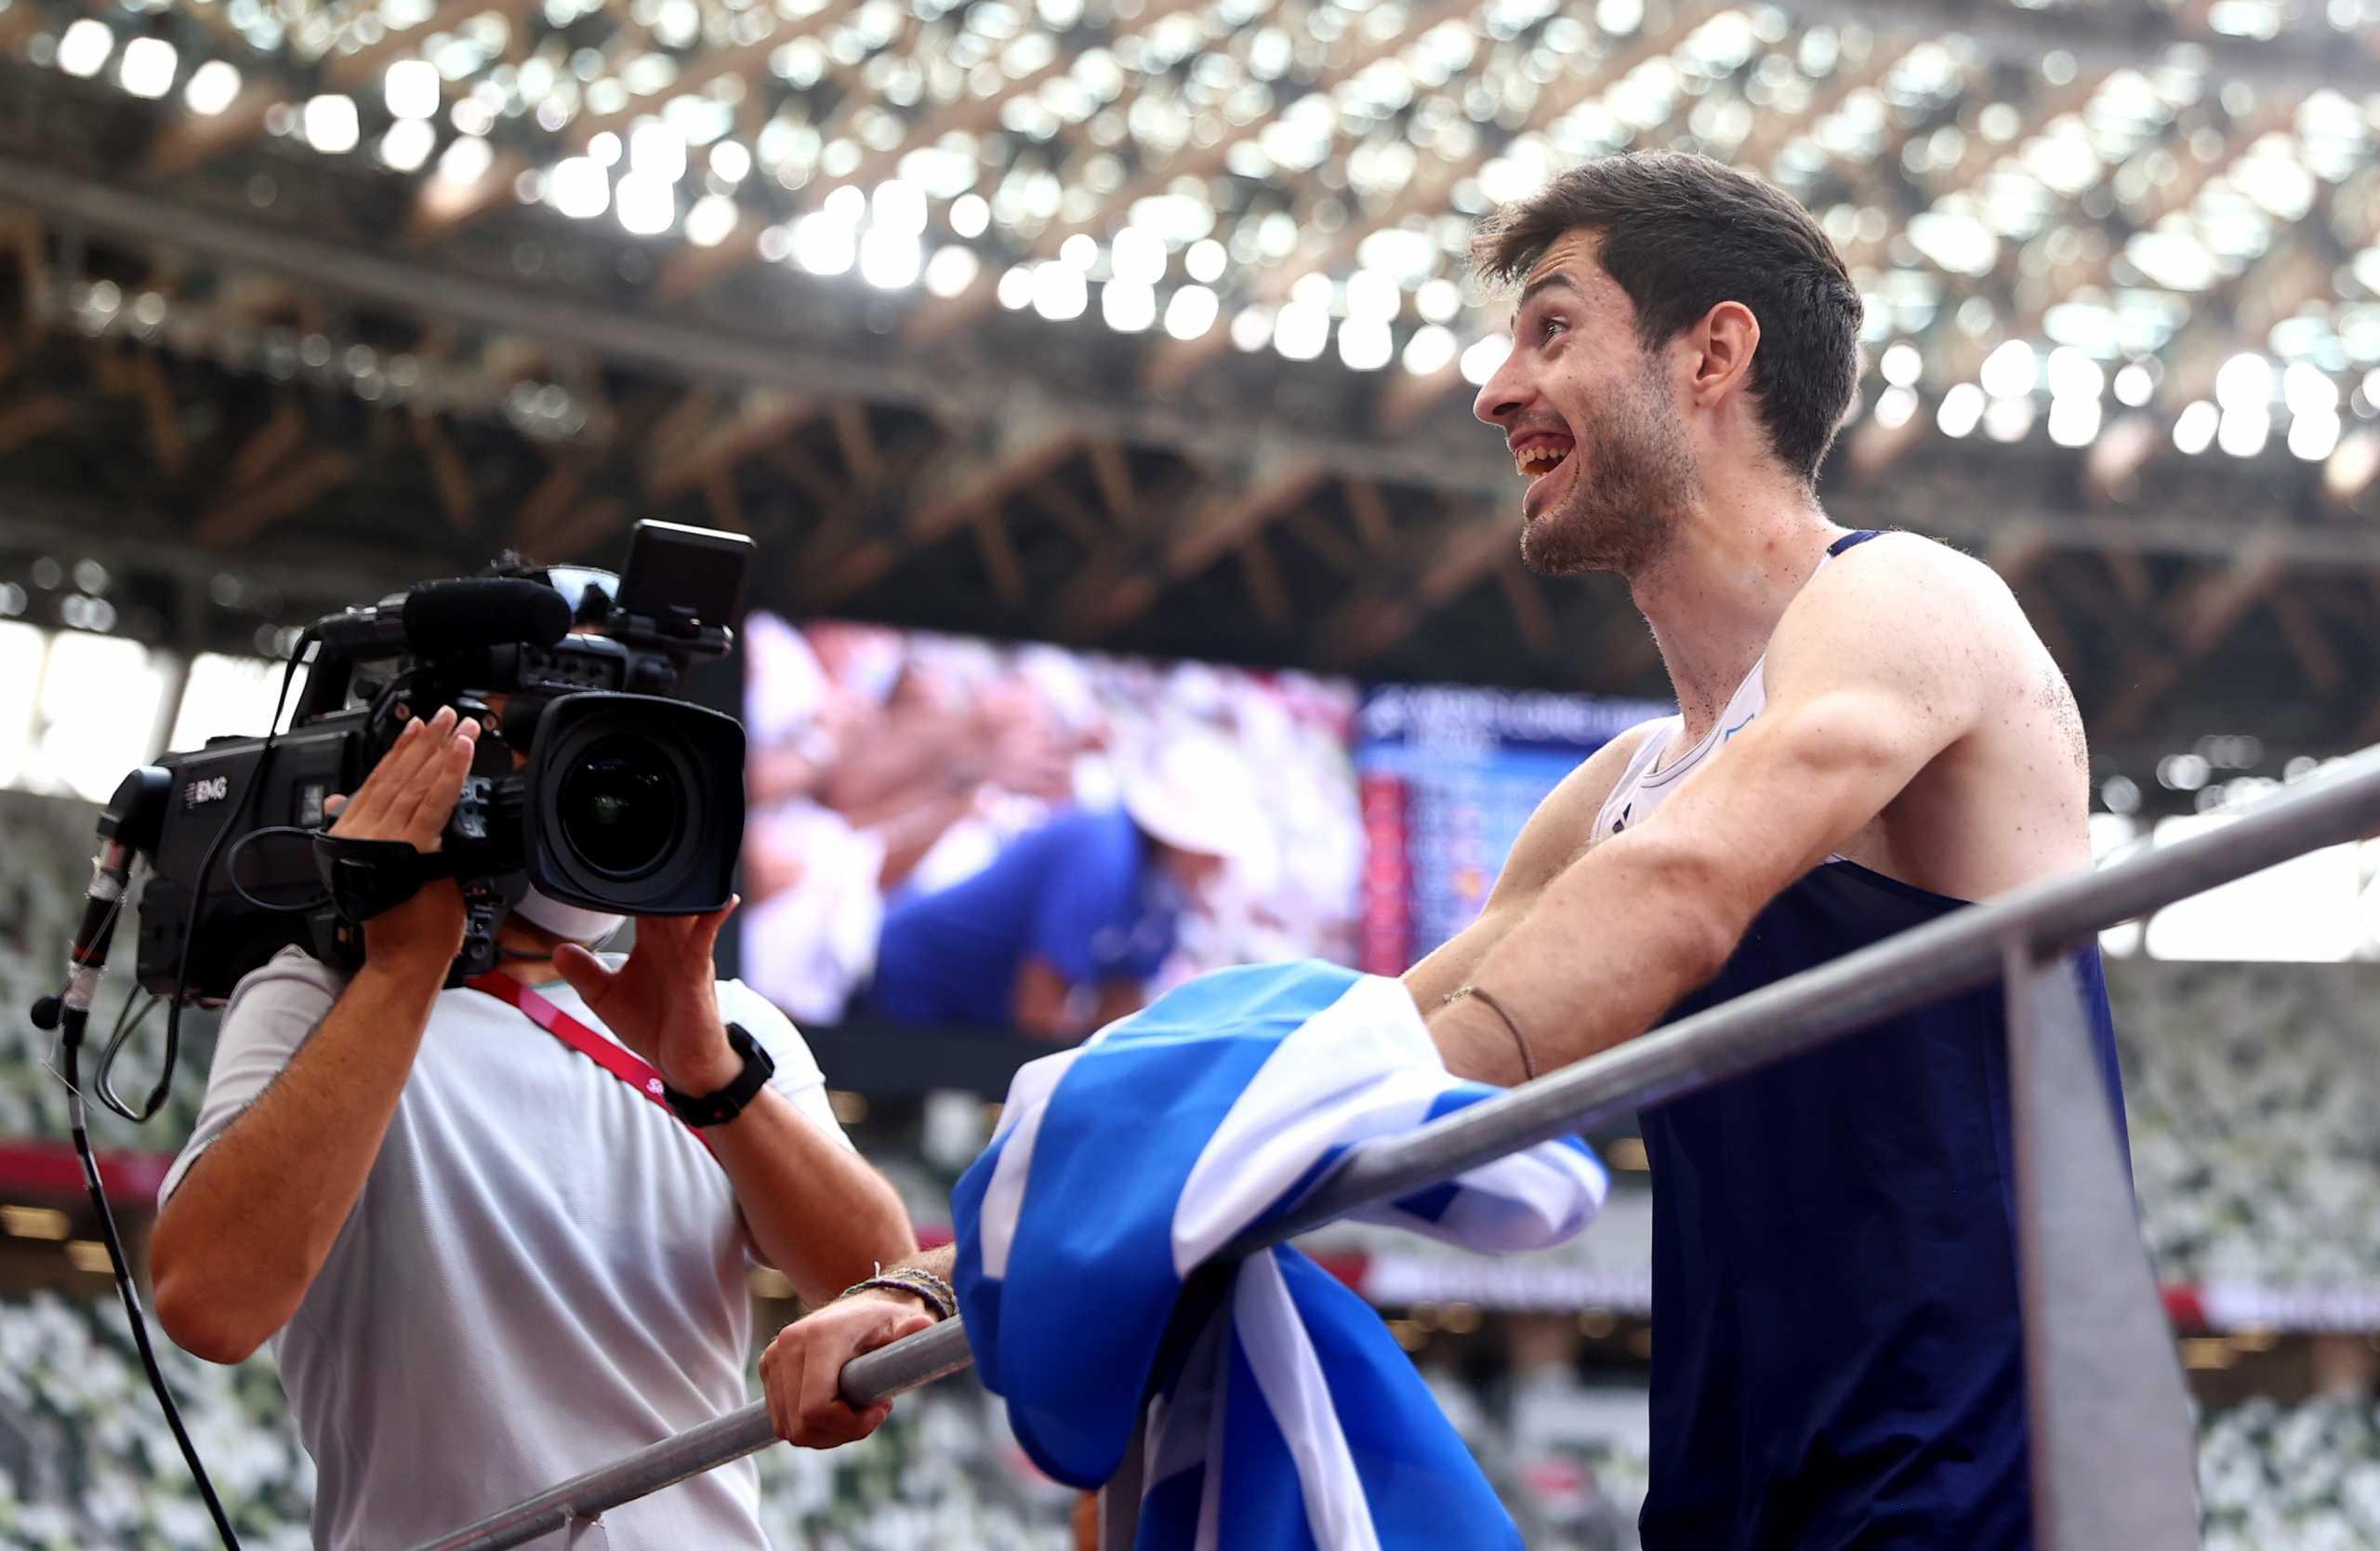 Ο Μίλτος Τεντόγλου είπε την ατάκα της χρονιάς προς την ελληνική κερκίδα μετά το χρυσό άλμα